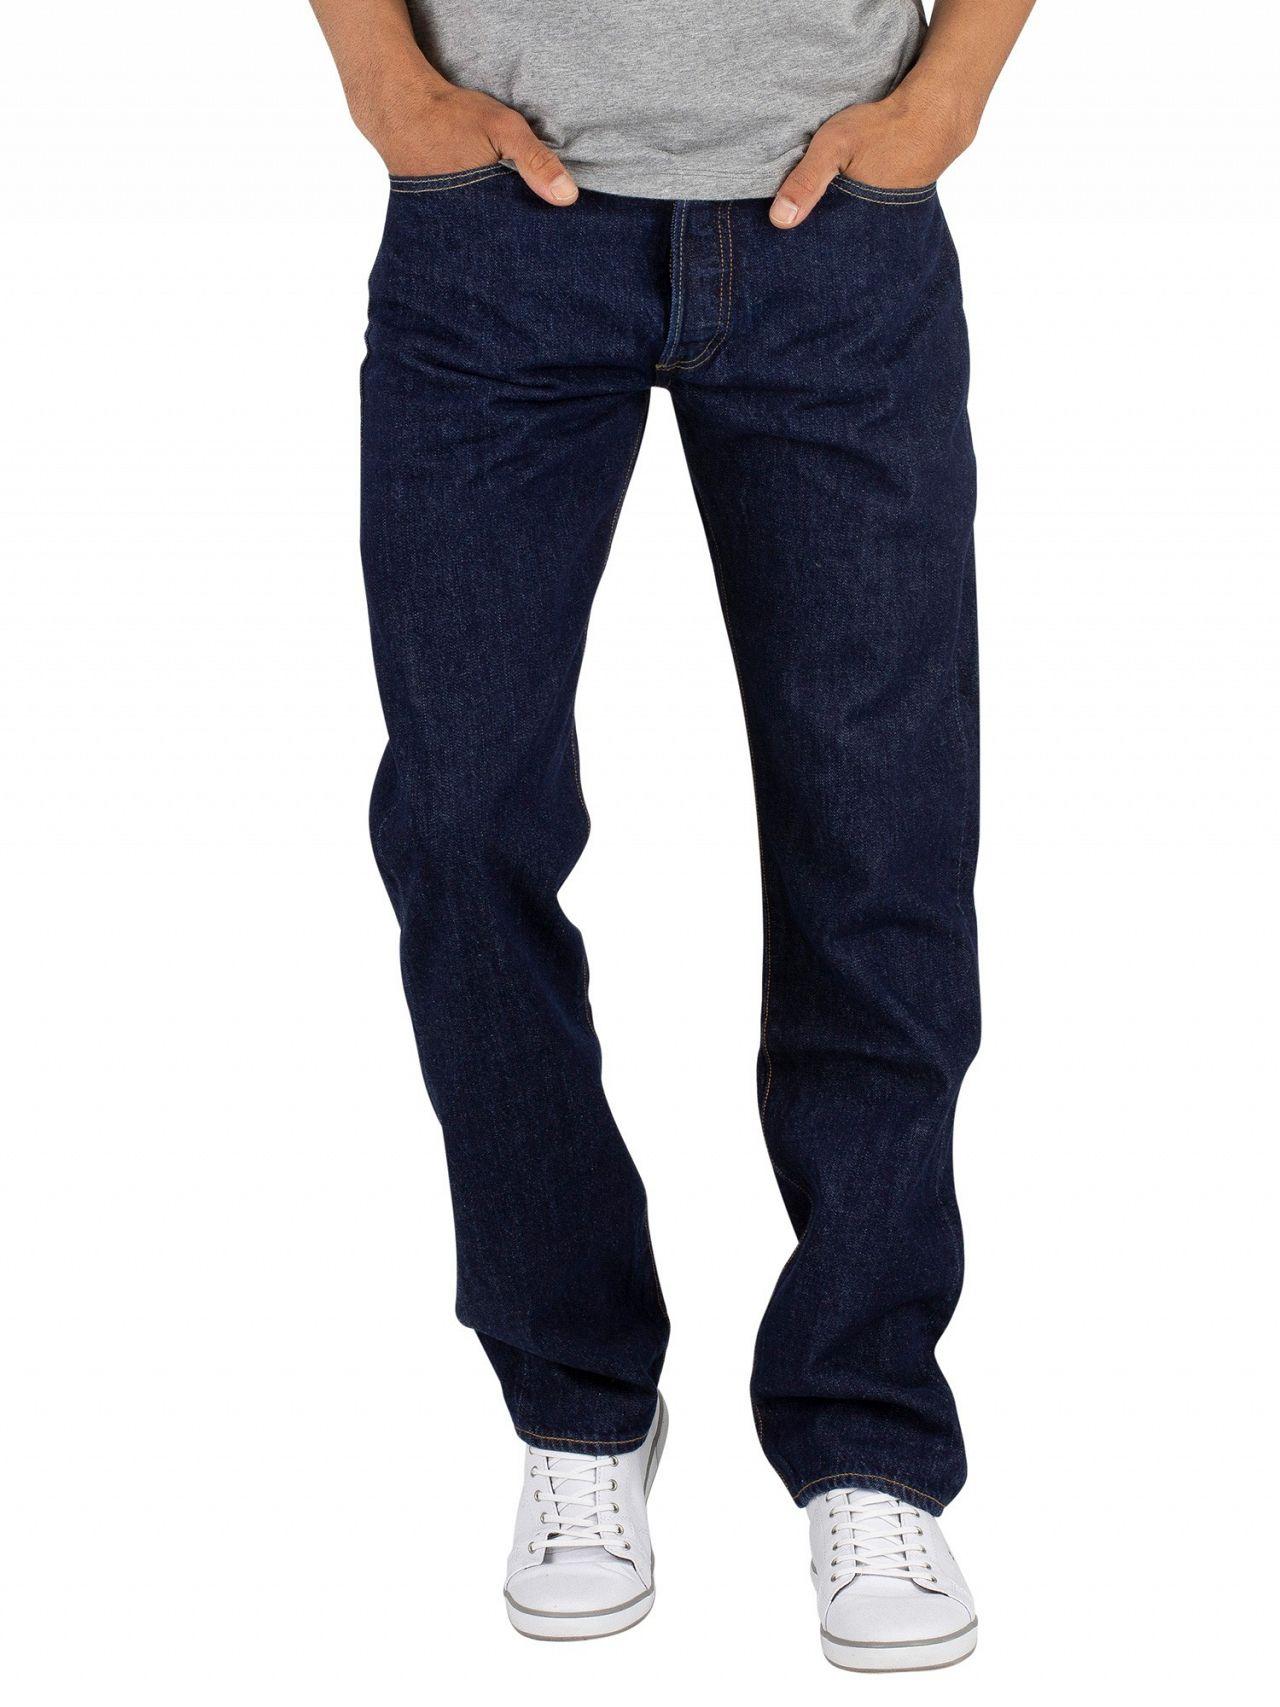 00900747 Levi's Onewash 501 Original Fit Jeans | Standout